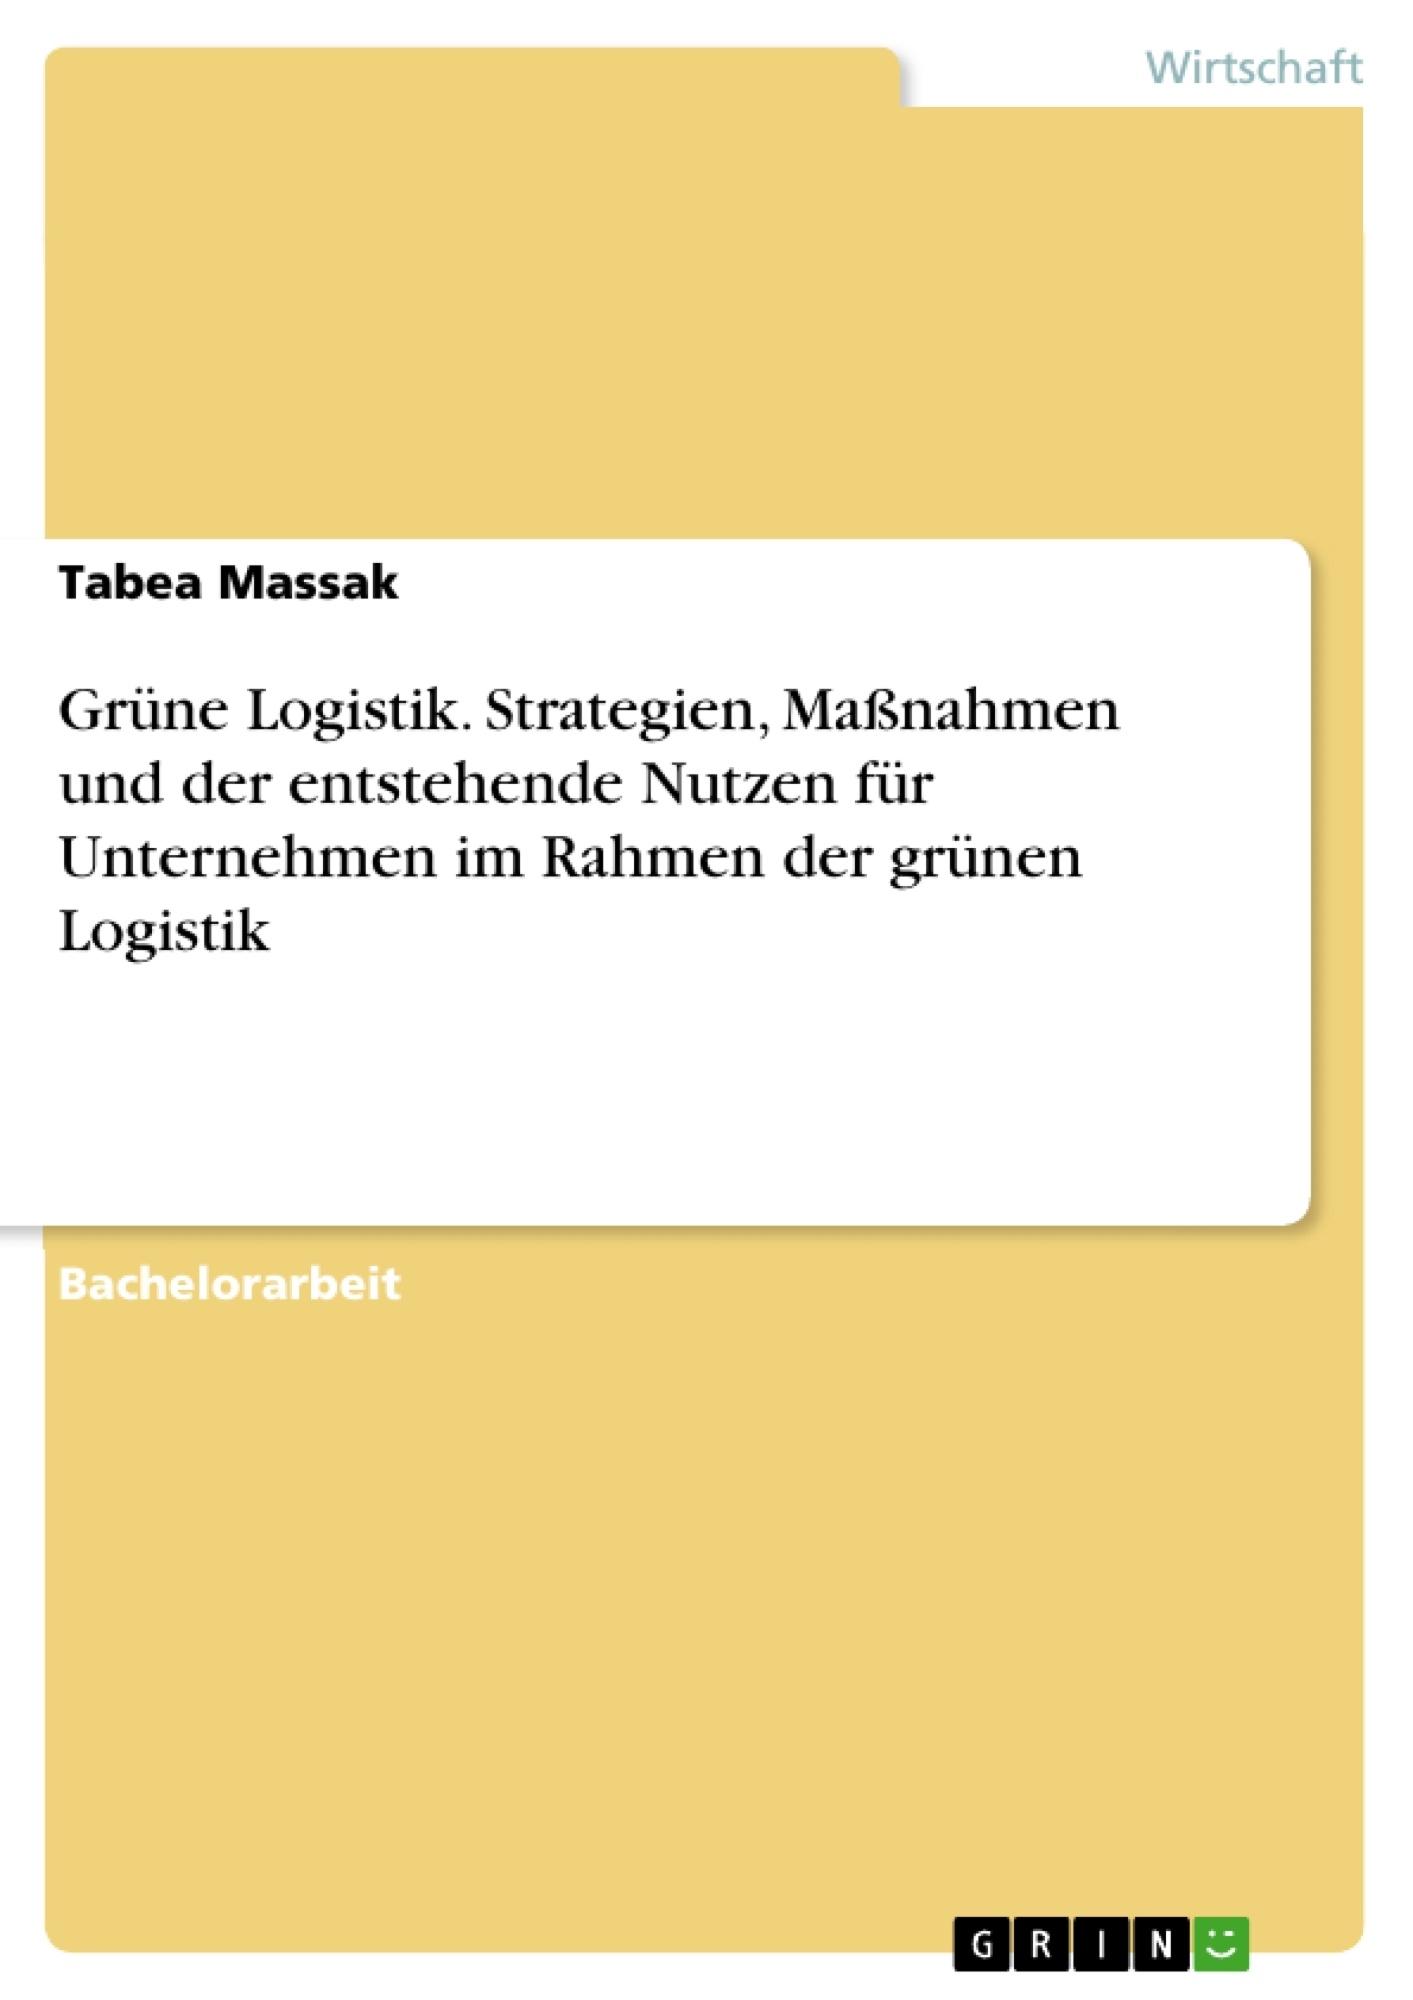 Grüne Logistik. Strategien, Maßnahmen und der entstehende Nutzen ...